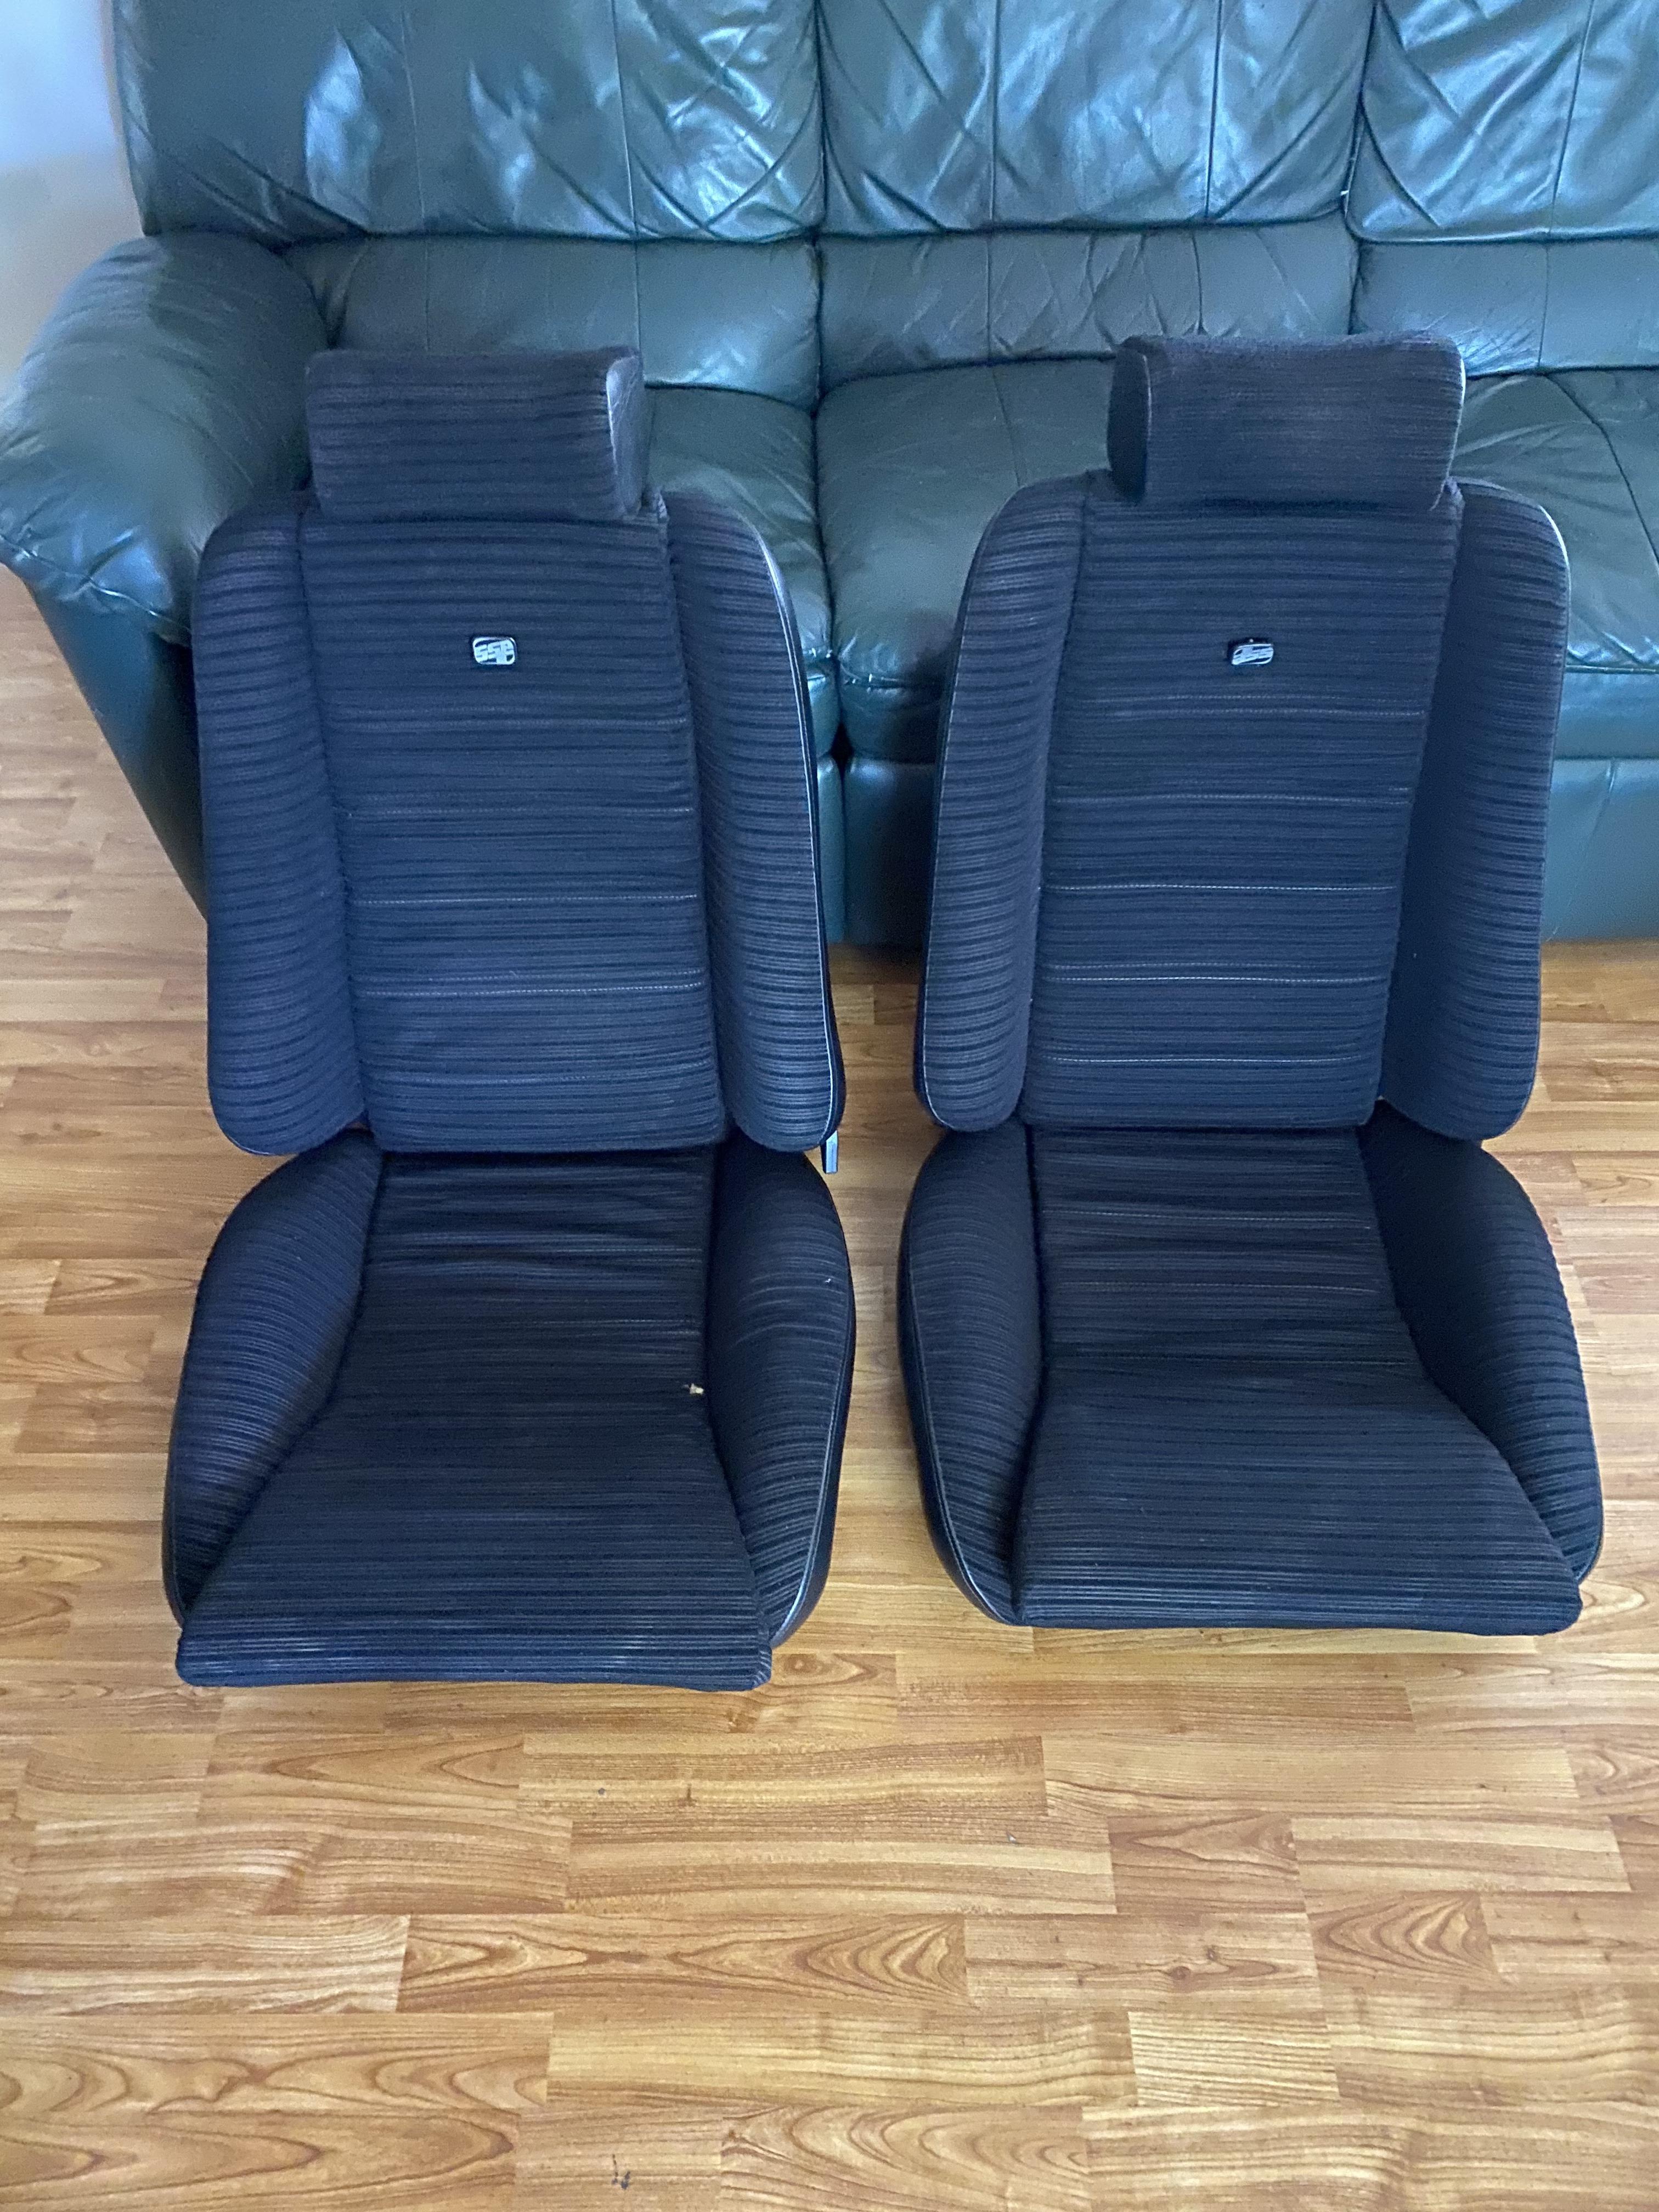 Scheelman Seats Parts For Sale Bmw 2002 Faq